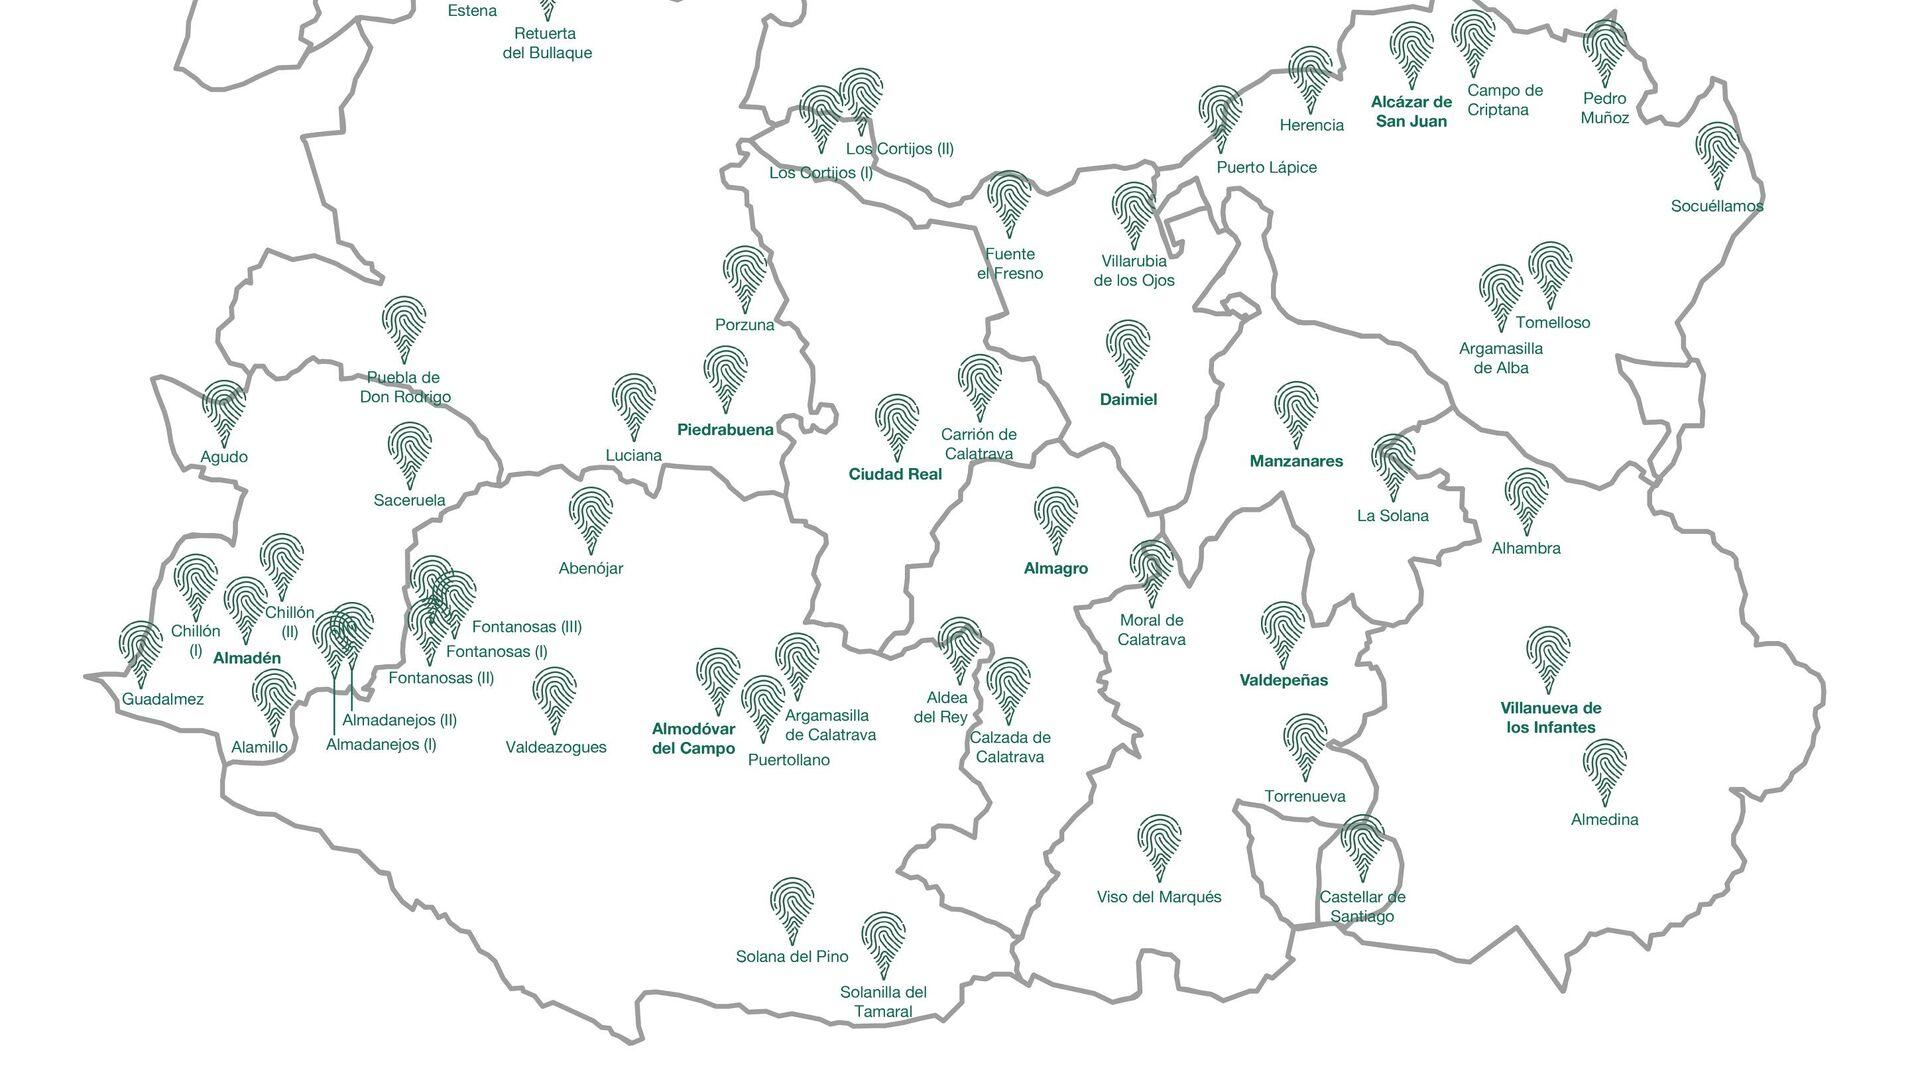 Fosas marcadas por el proyecto Mapa de Memoria en la provincia de Ciudad Real (España) - Sputnik Mundo, 1920, 25.05.2021